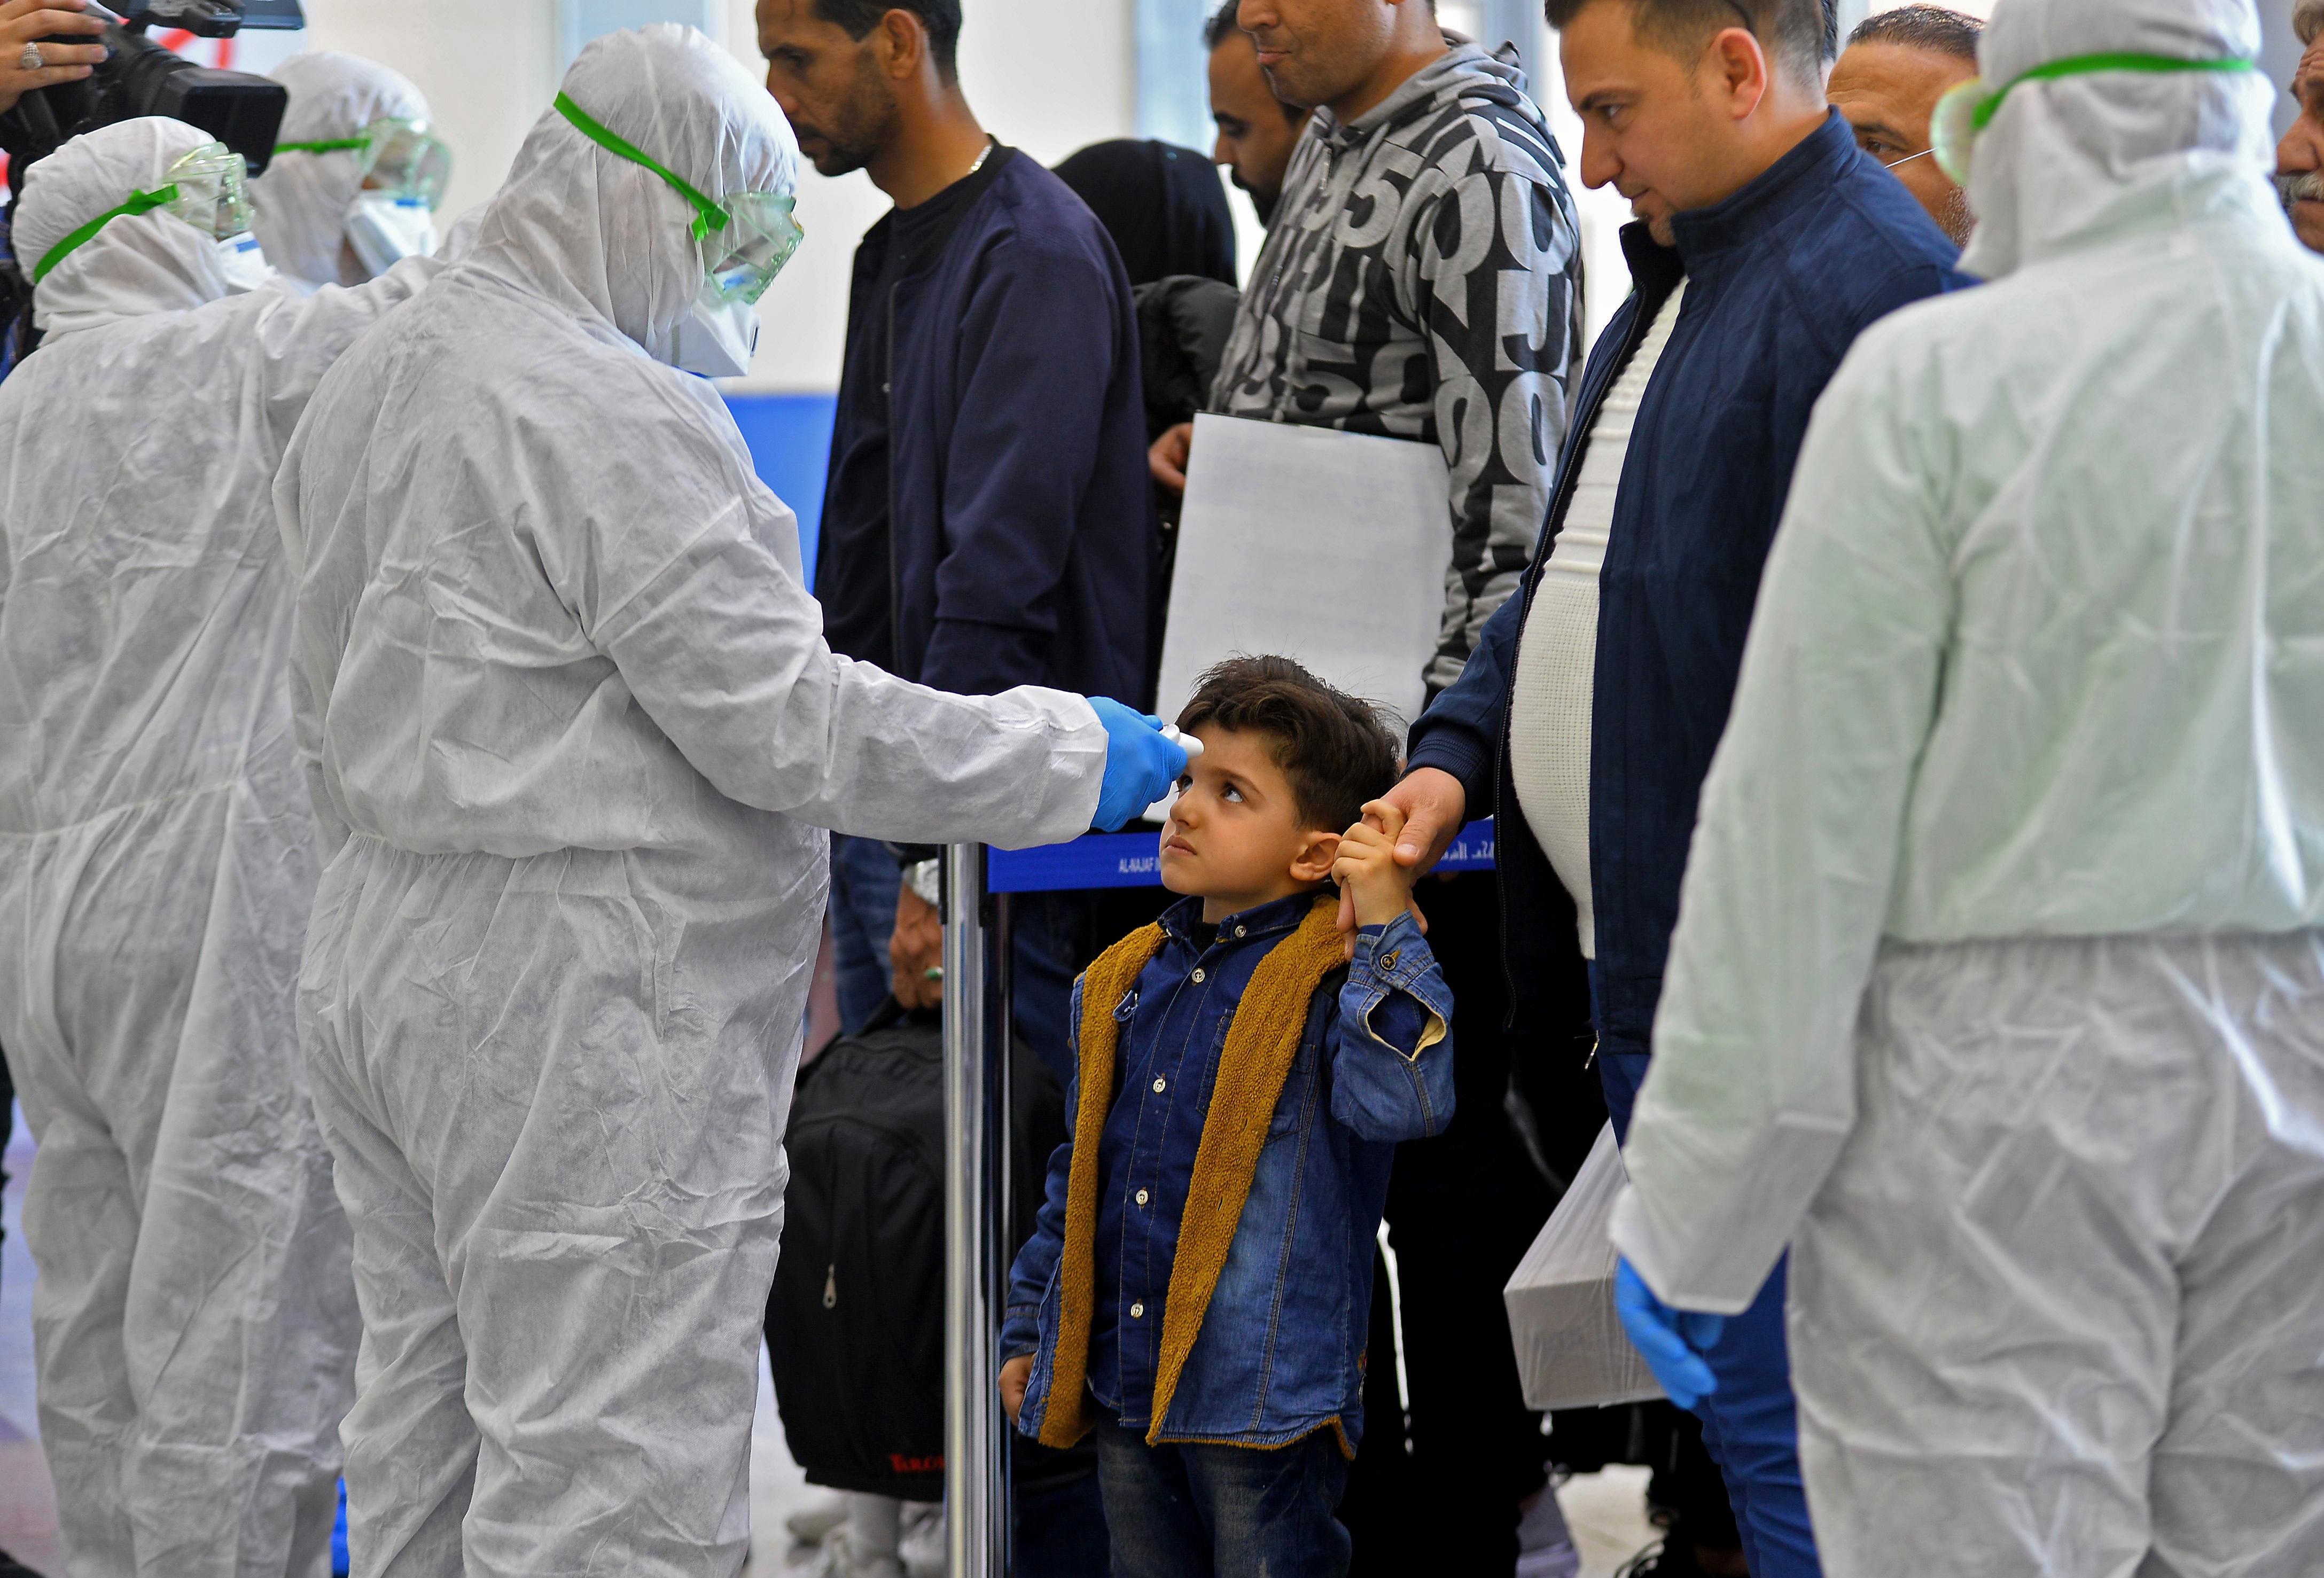 【冠状病毒19】伊拉克禁止七国游客入境 其中含新加坡